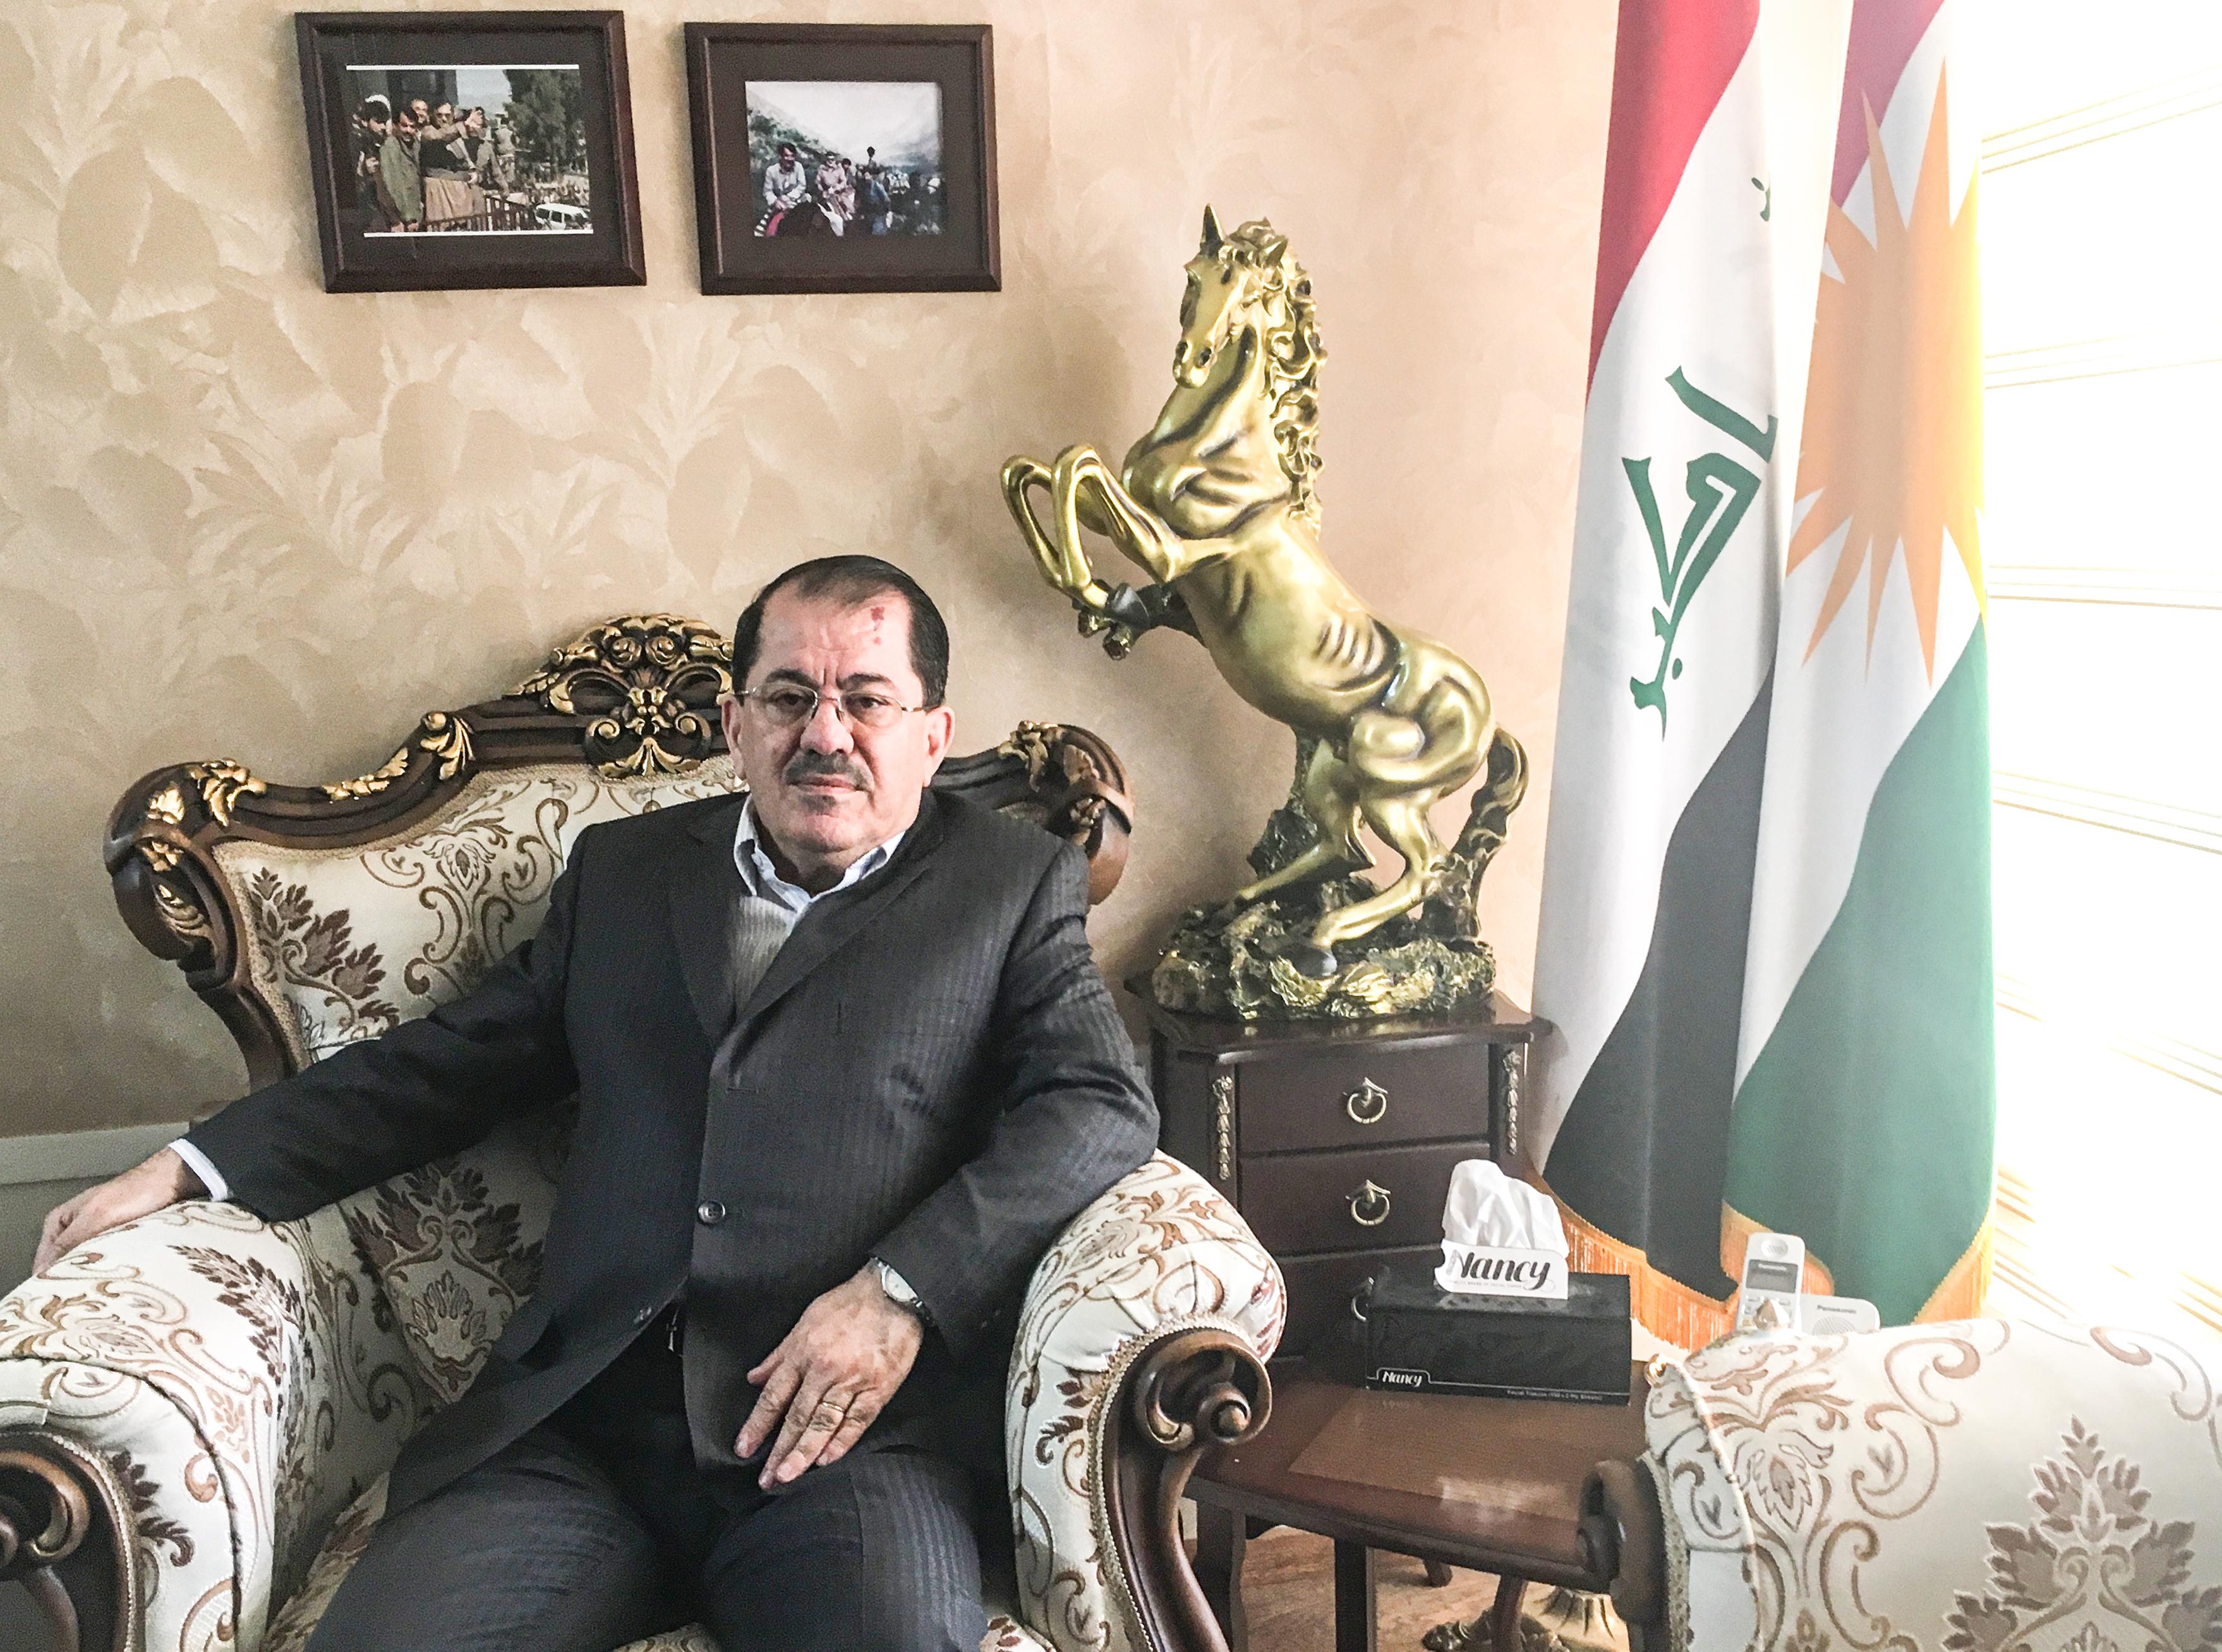 اعتراضات عراق ریشه داخلی دارد نه خارجی! / کردستان عراق، ترکیه را به گفتگو دعوت میکند